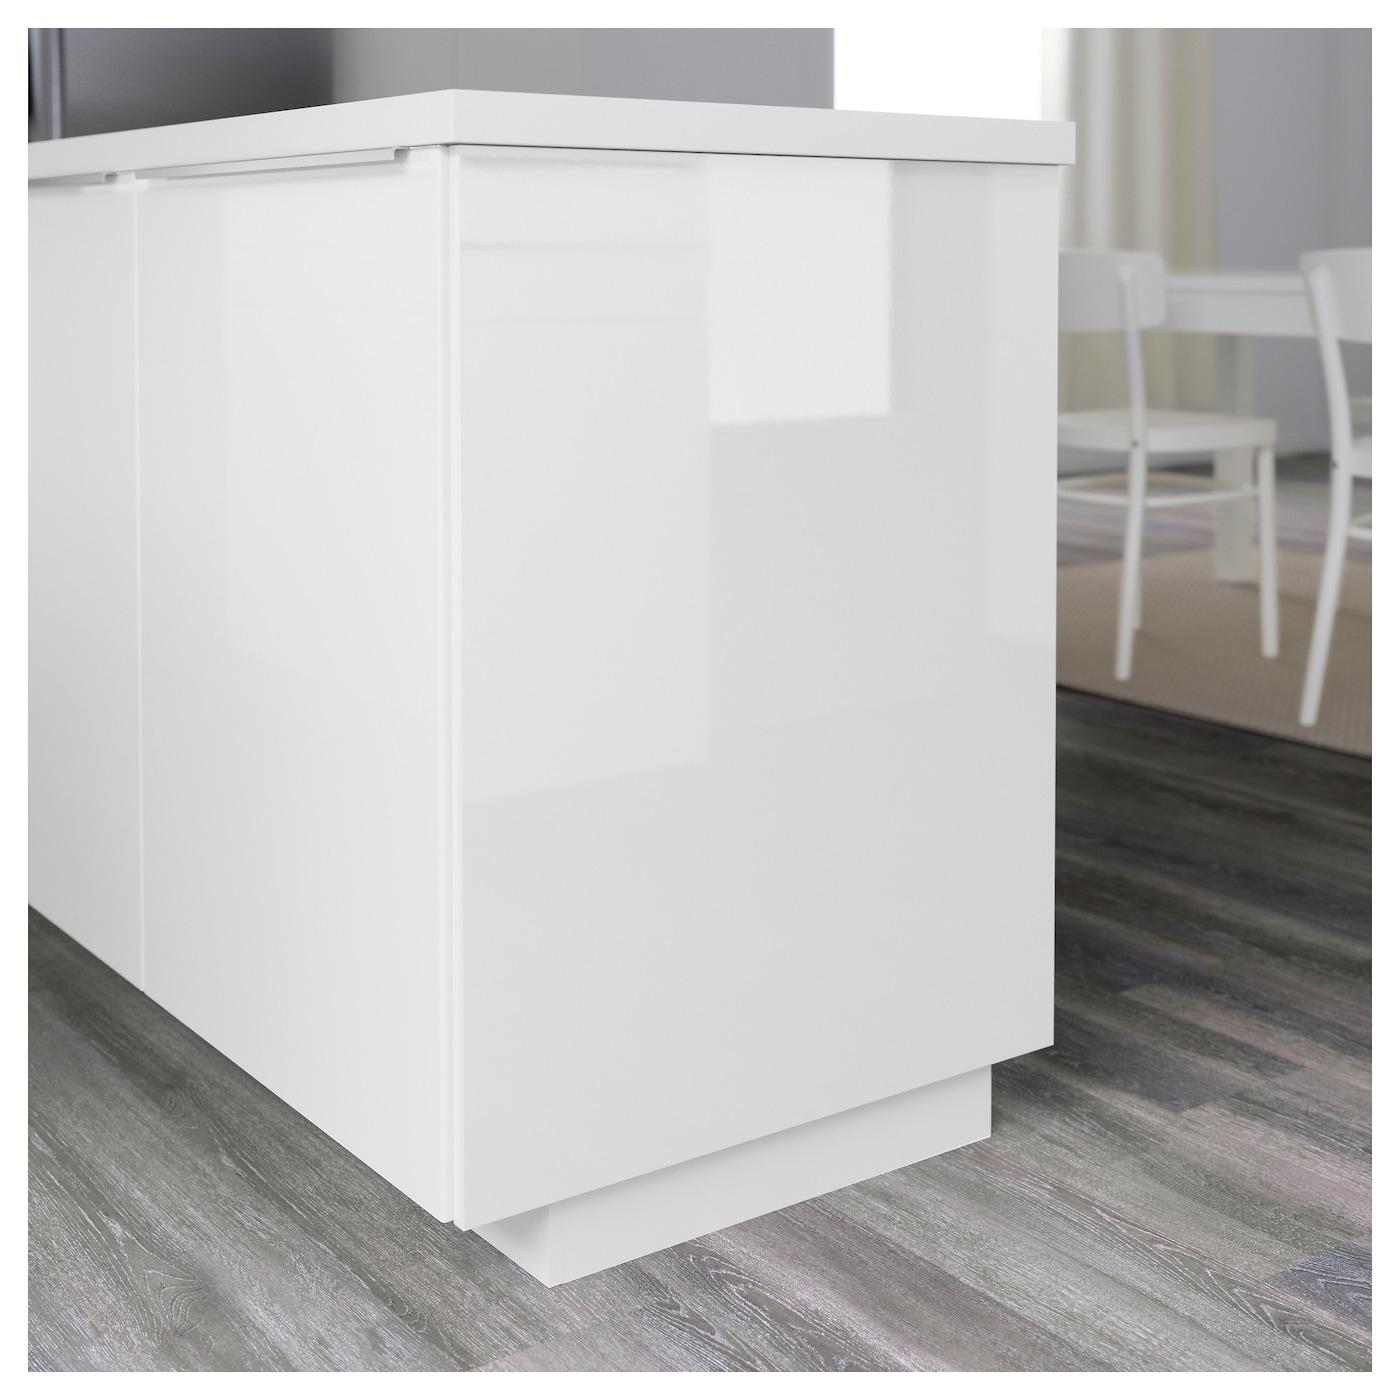 Ringhult Cover Panel High Gloss White 39x106 Cm